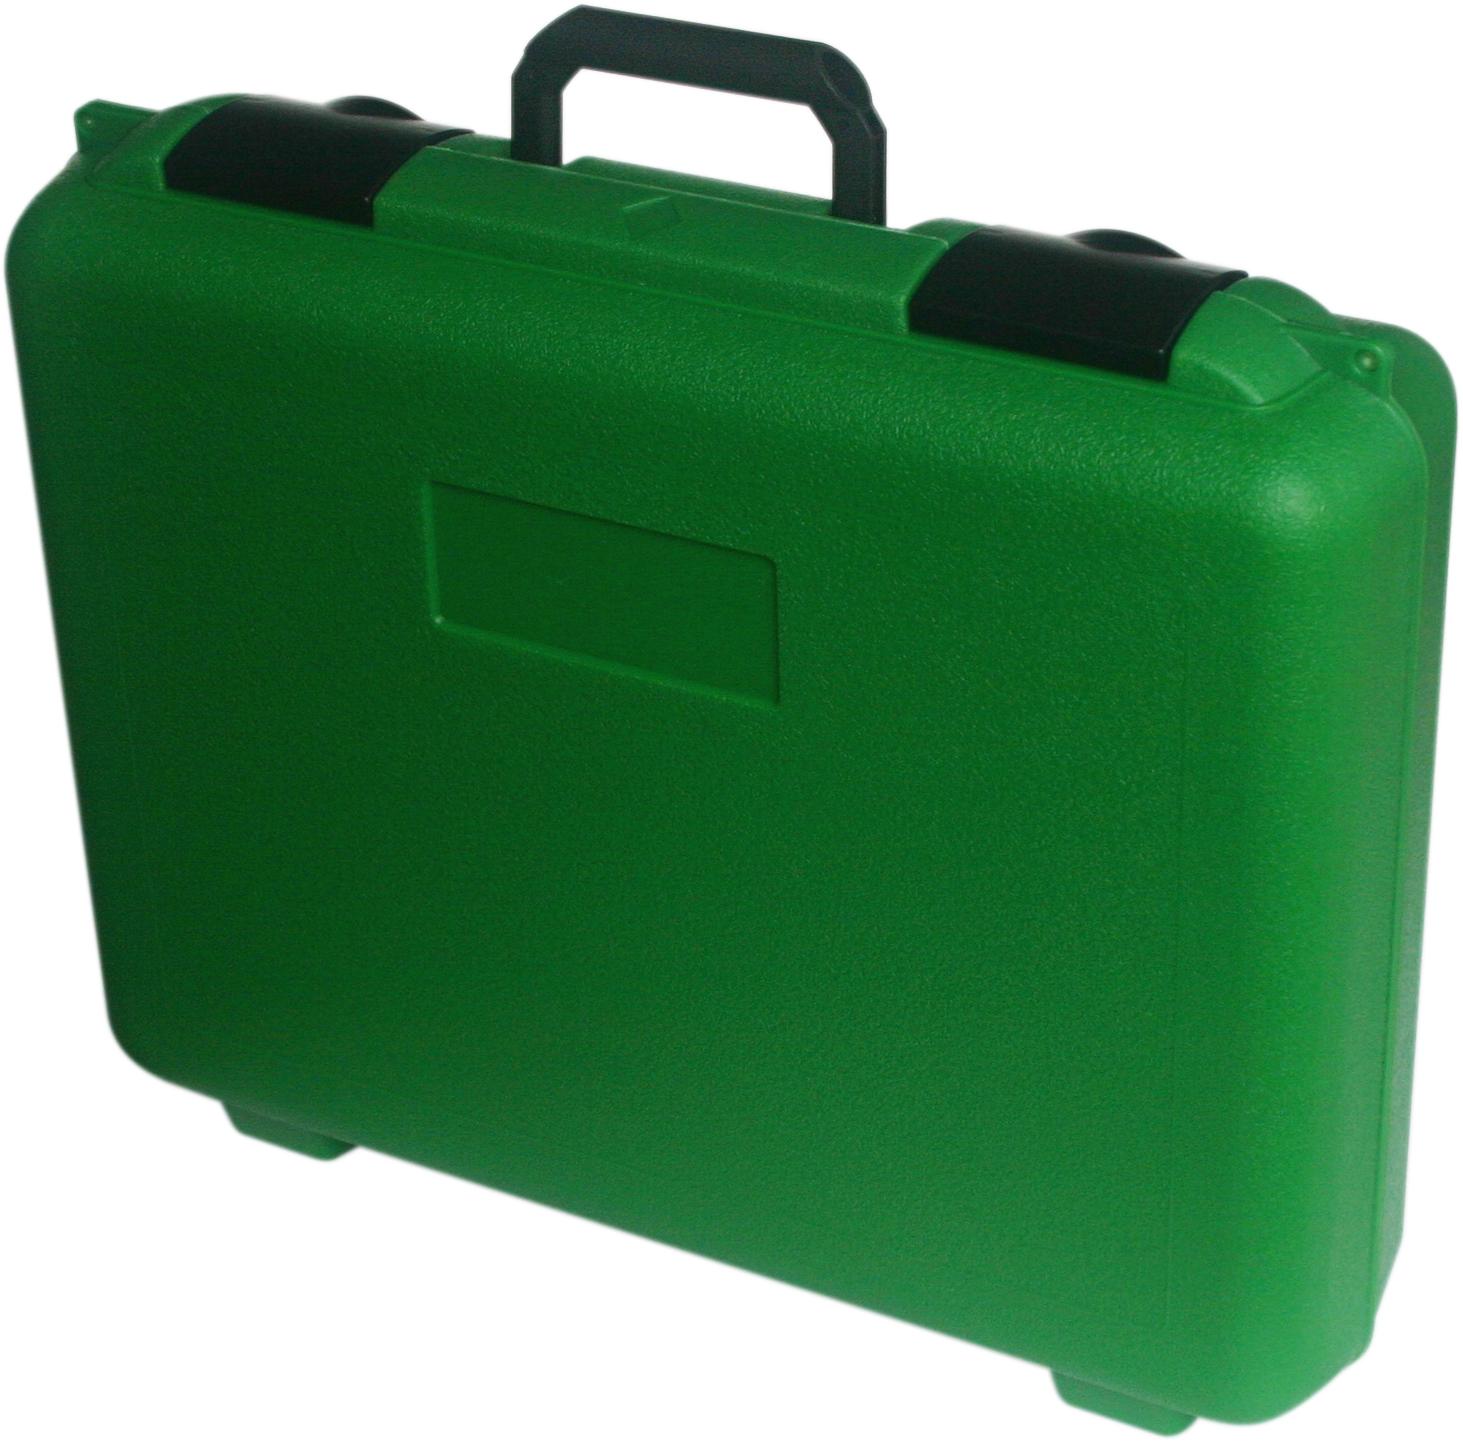 Plastic Carrying Case Todol Foam Com